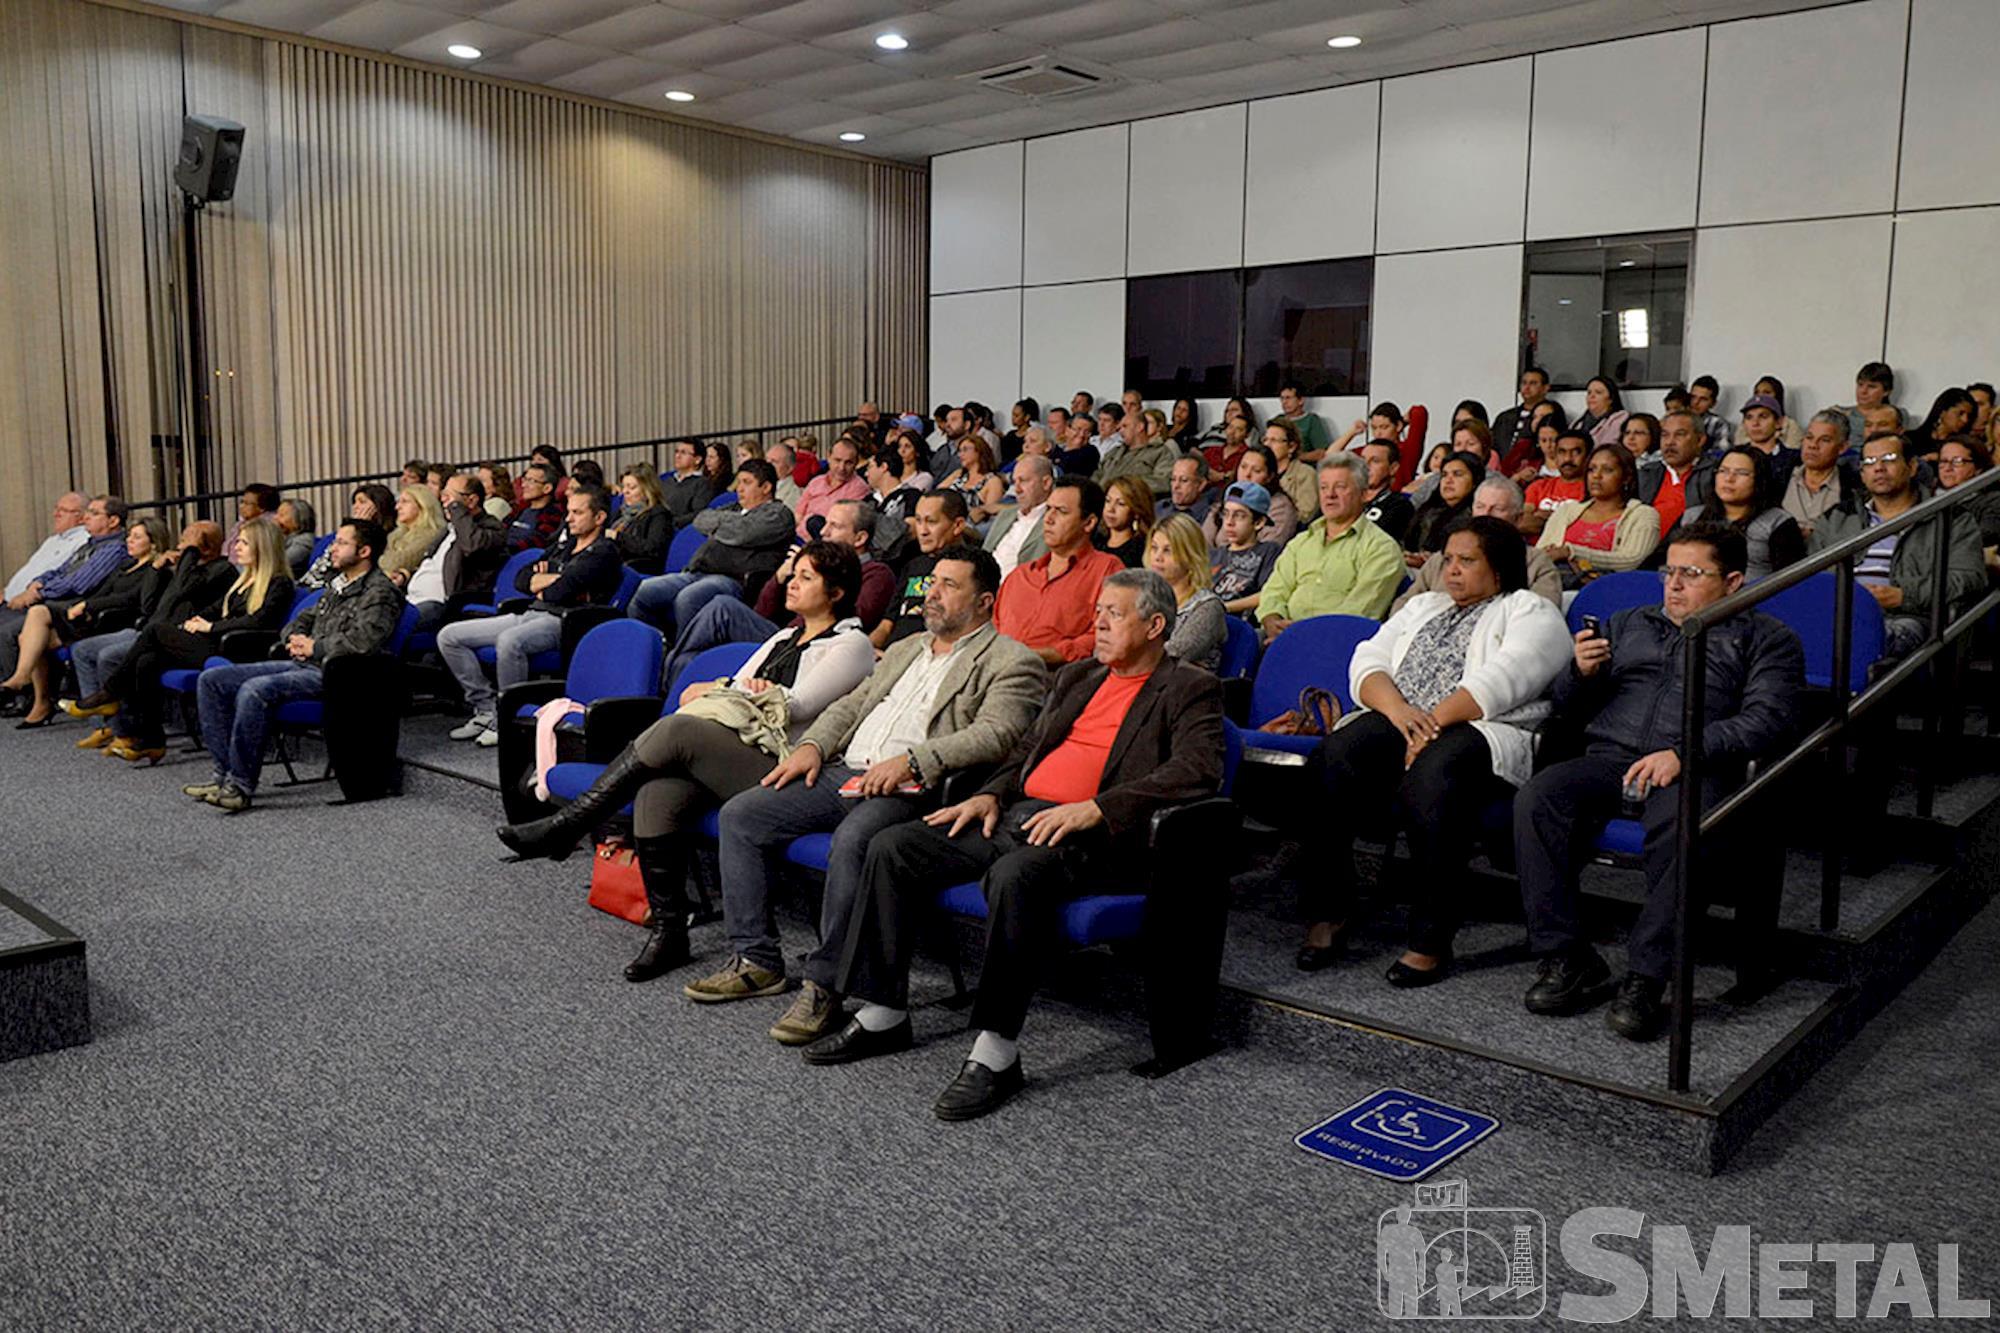 Solenidade que comemorou 30 anos da CUT reuniu cerca de 200 pessoas em Sorocaba, Sessão Solene na Câmara de Sorocaba comemora 30 anos de CUT